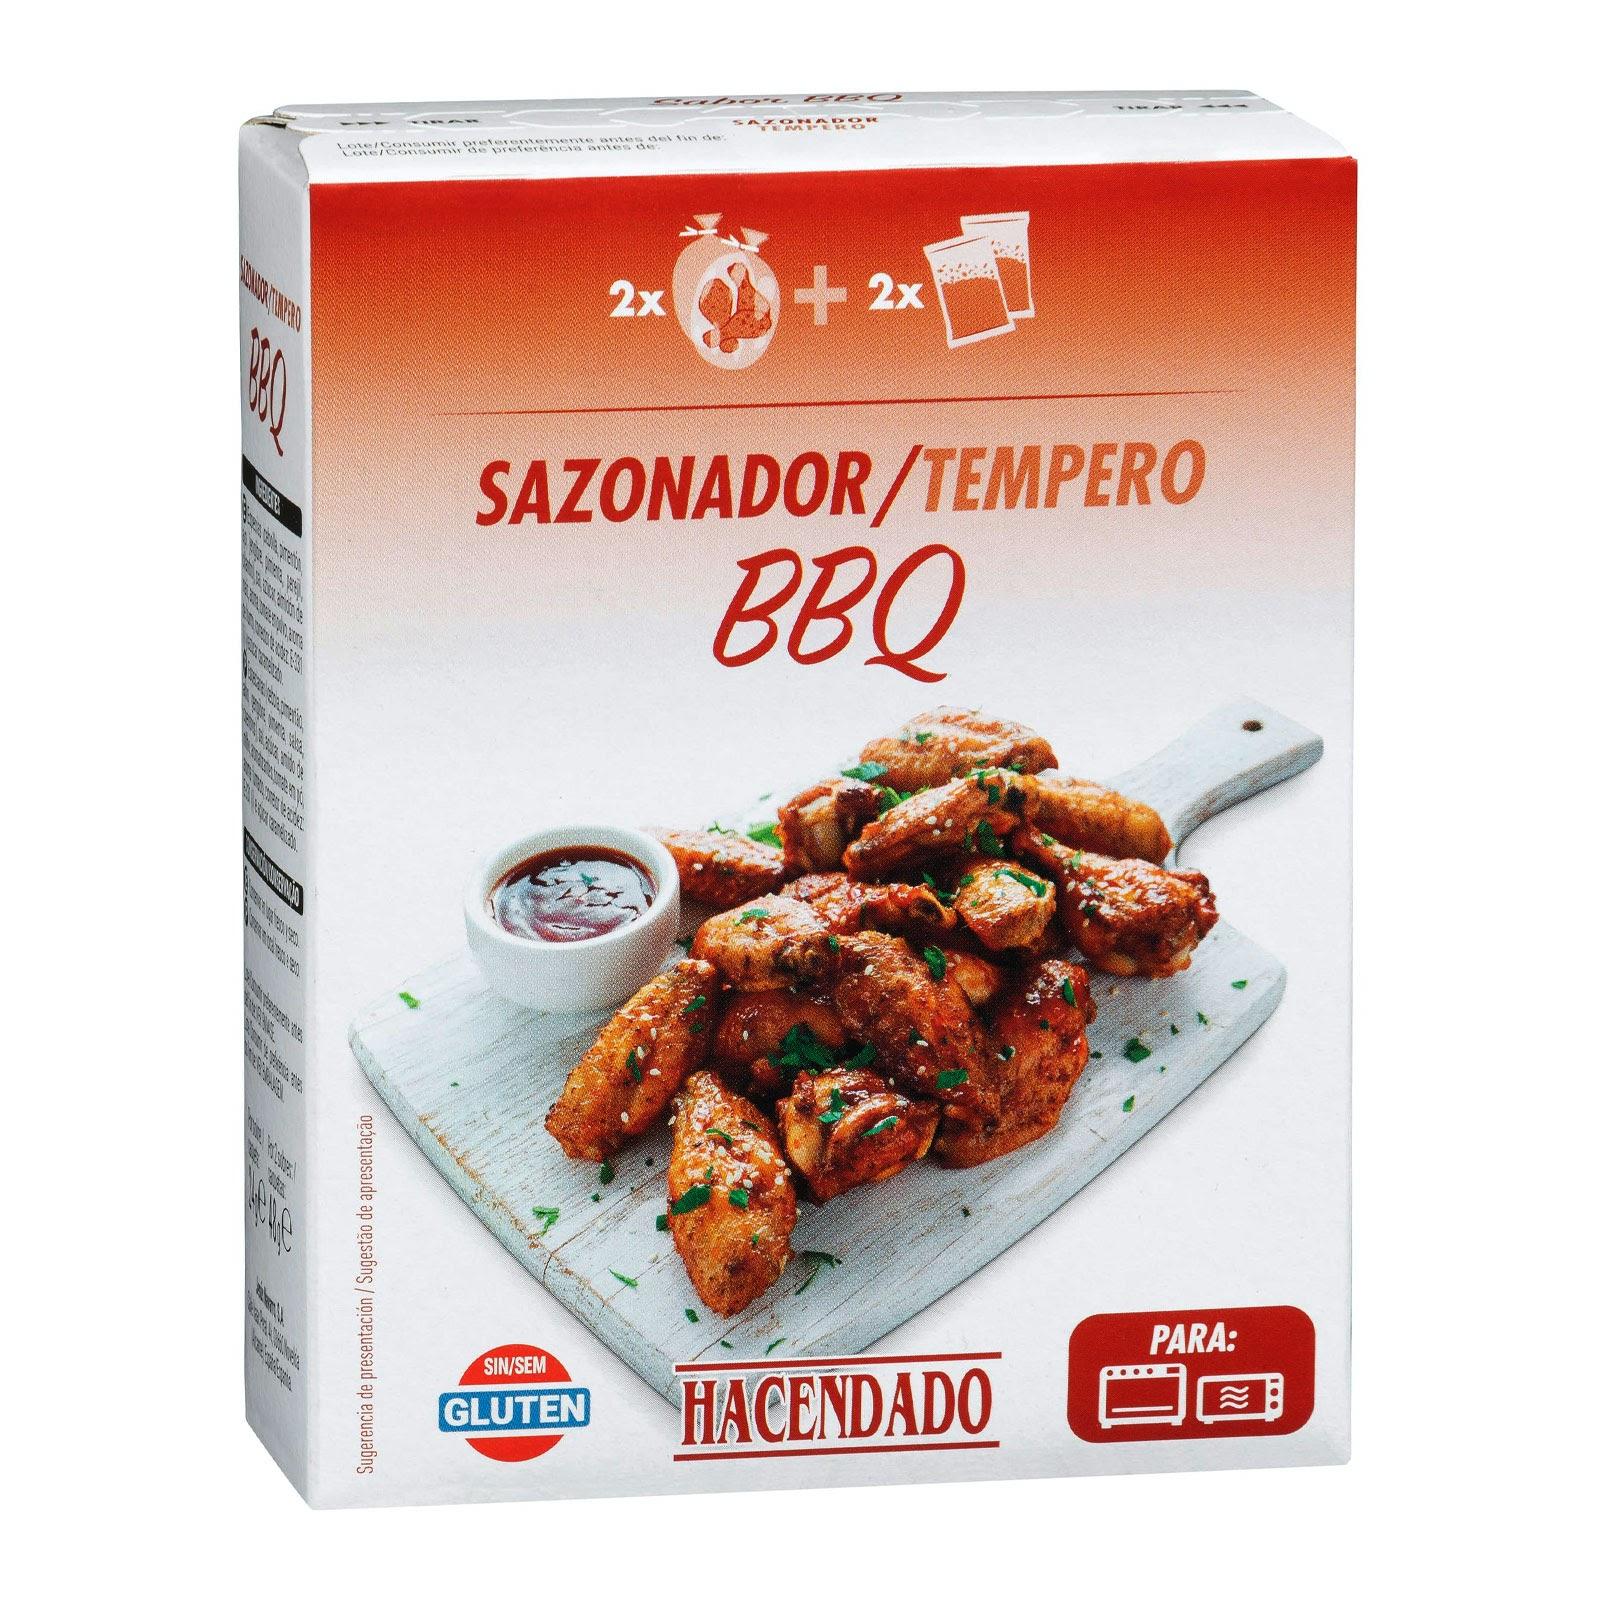 Productos Mercadona Sazonador Con Bolsa Para Carne Sabor Barbacoa Bbq Hacendado